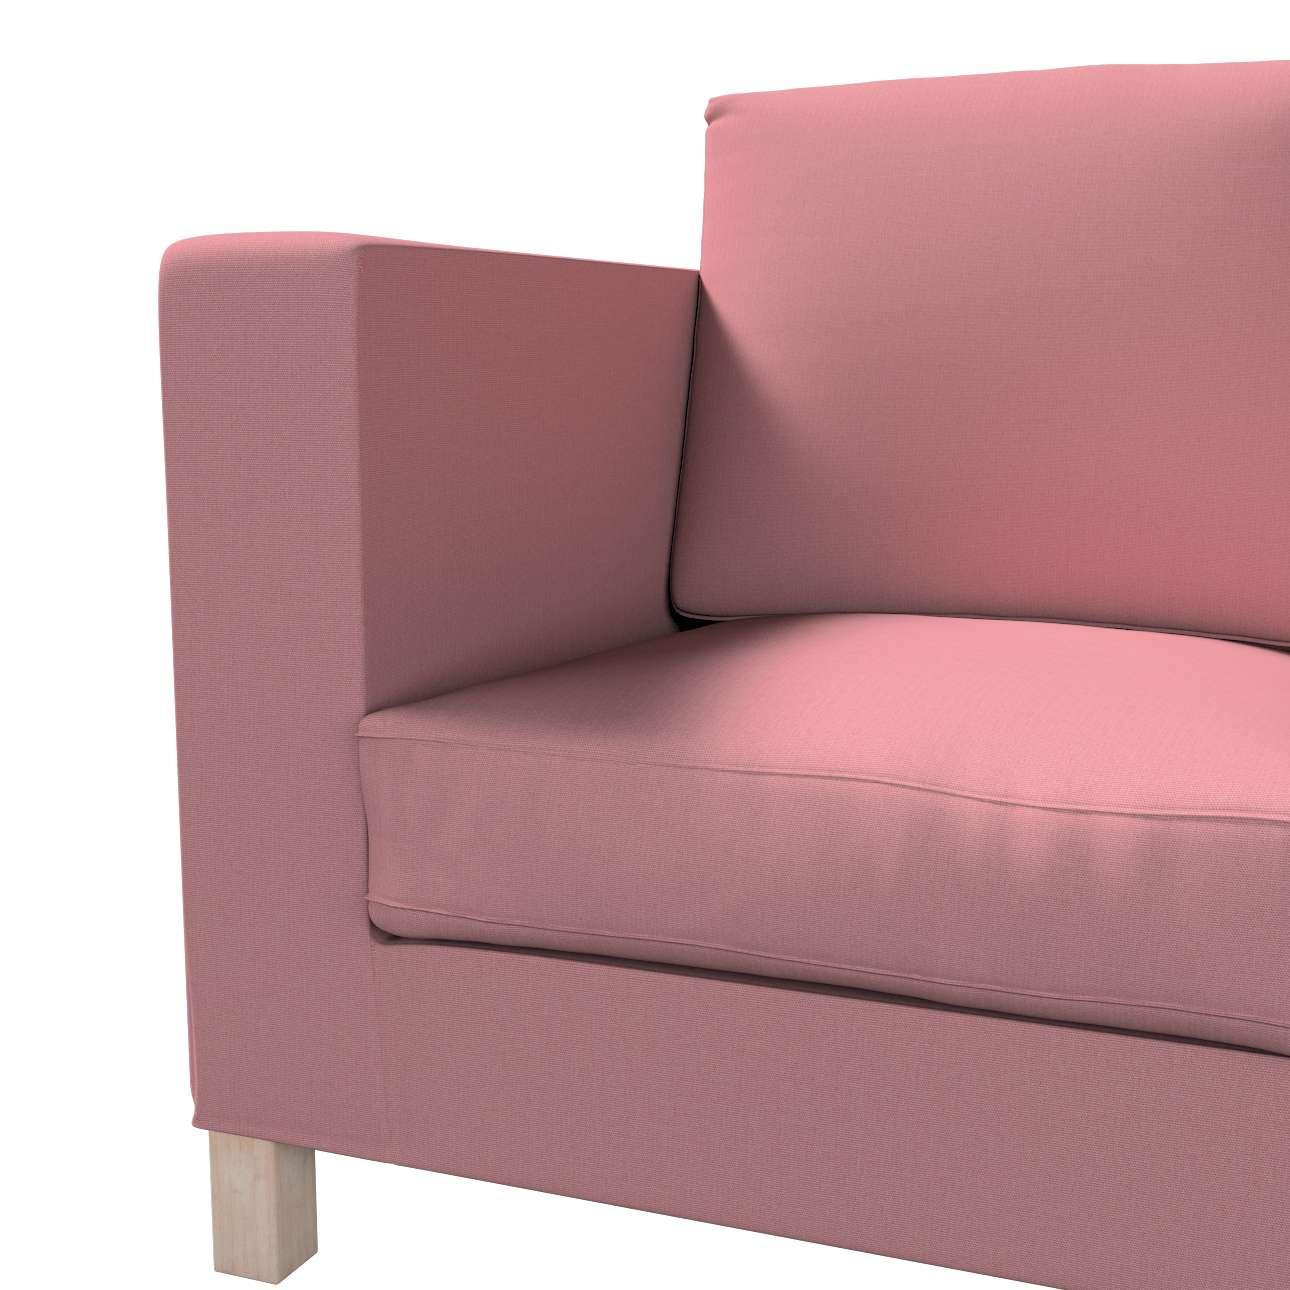 Bezug für Karlanda 3-Sitzer Sofa nicht ausklappbar, kurz von der Kollektion Cotton Panama, Stoff: 702-43